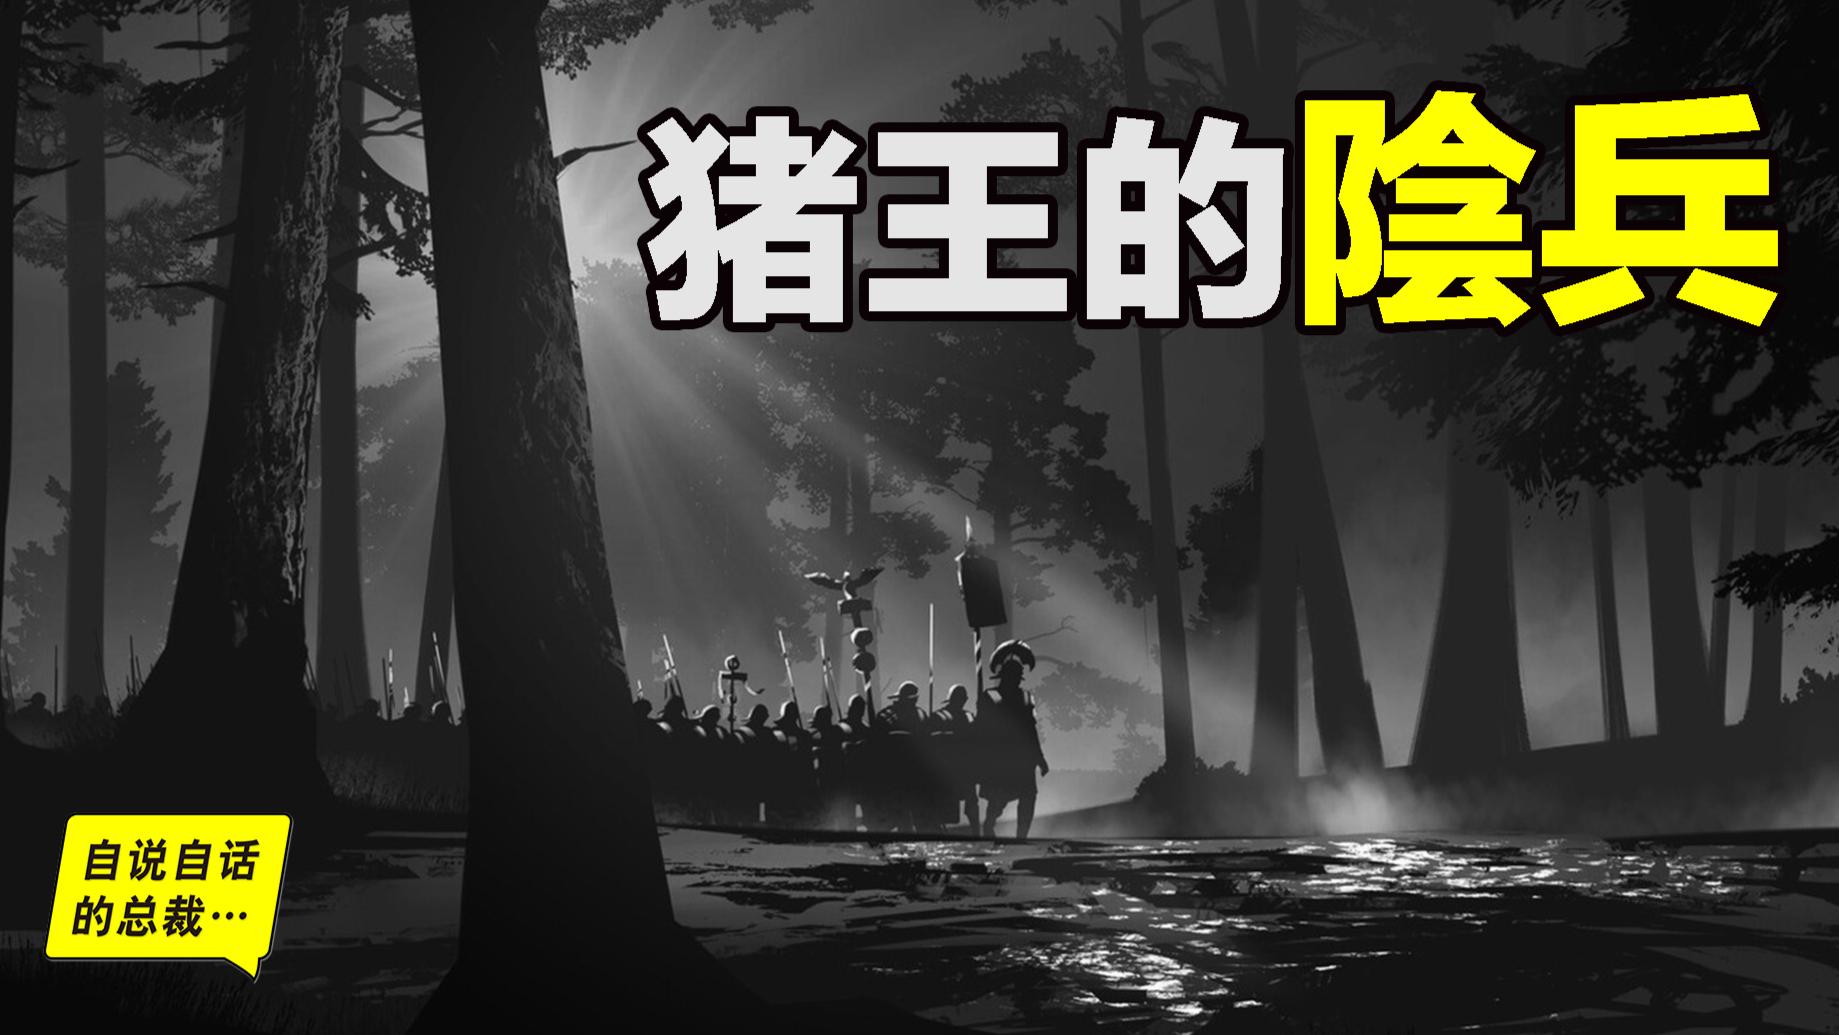 历史上真实发生的阴兵事件,他们斩断了南京的龙脉……|自说自话的总裁